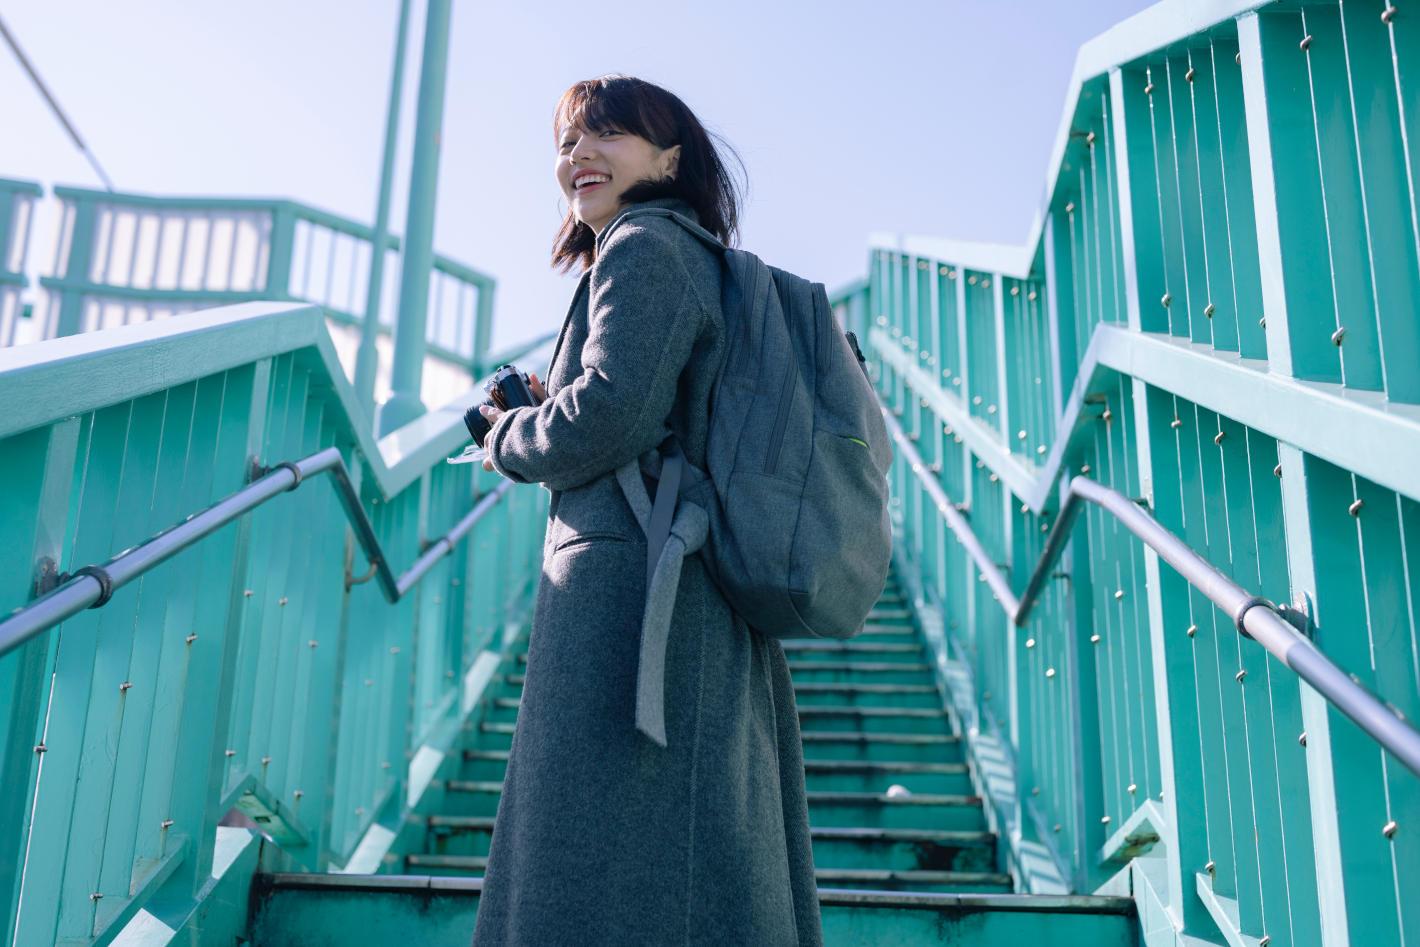 フォトグラファーの鞄の中身 – Kanai megさんのフィルム撮影&モデルスタイル